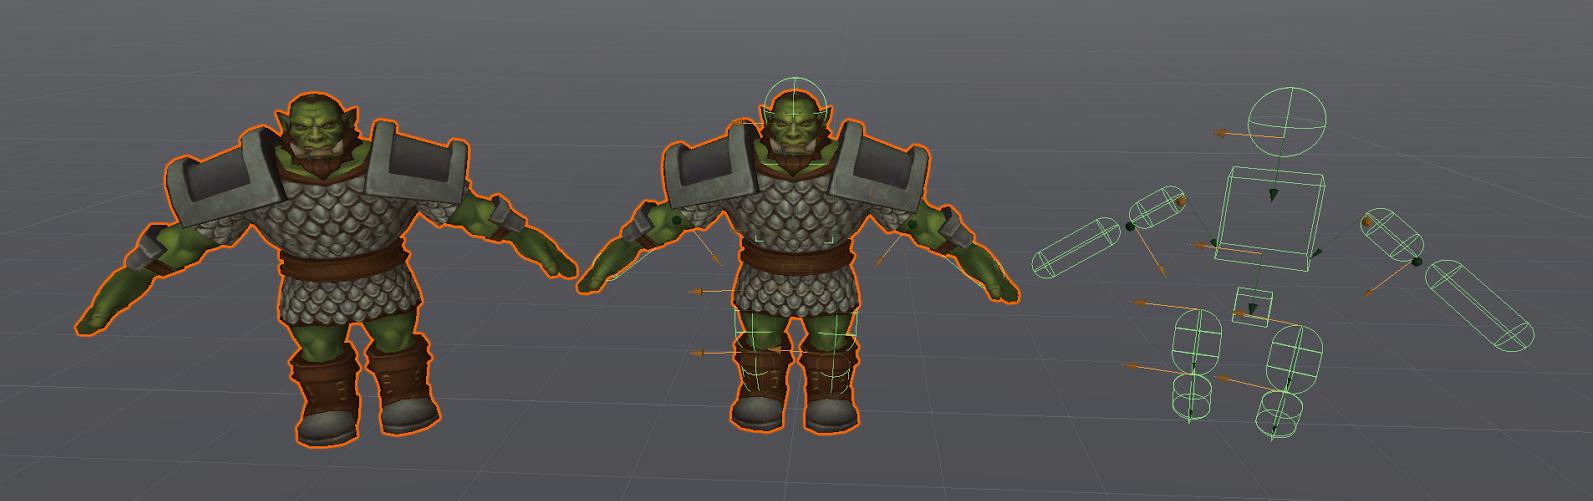 Как мы оптимизировали Ragdoll анимацию смерти в Unity - 1